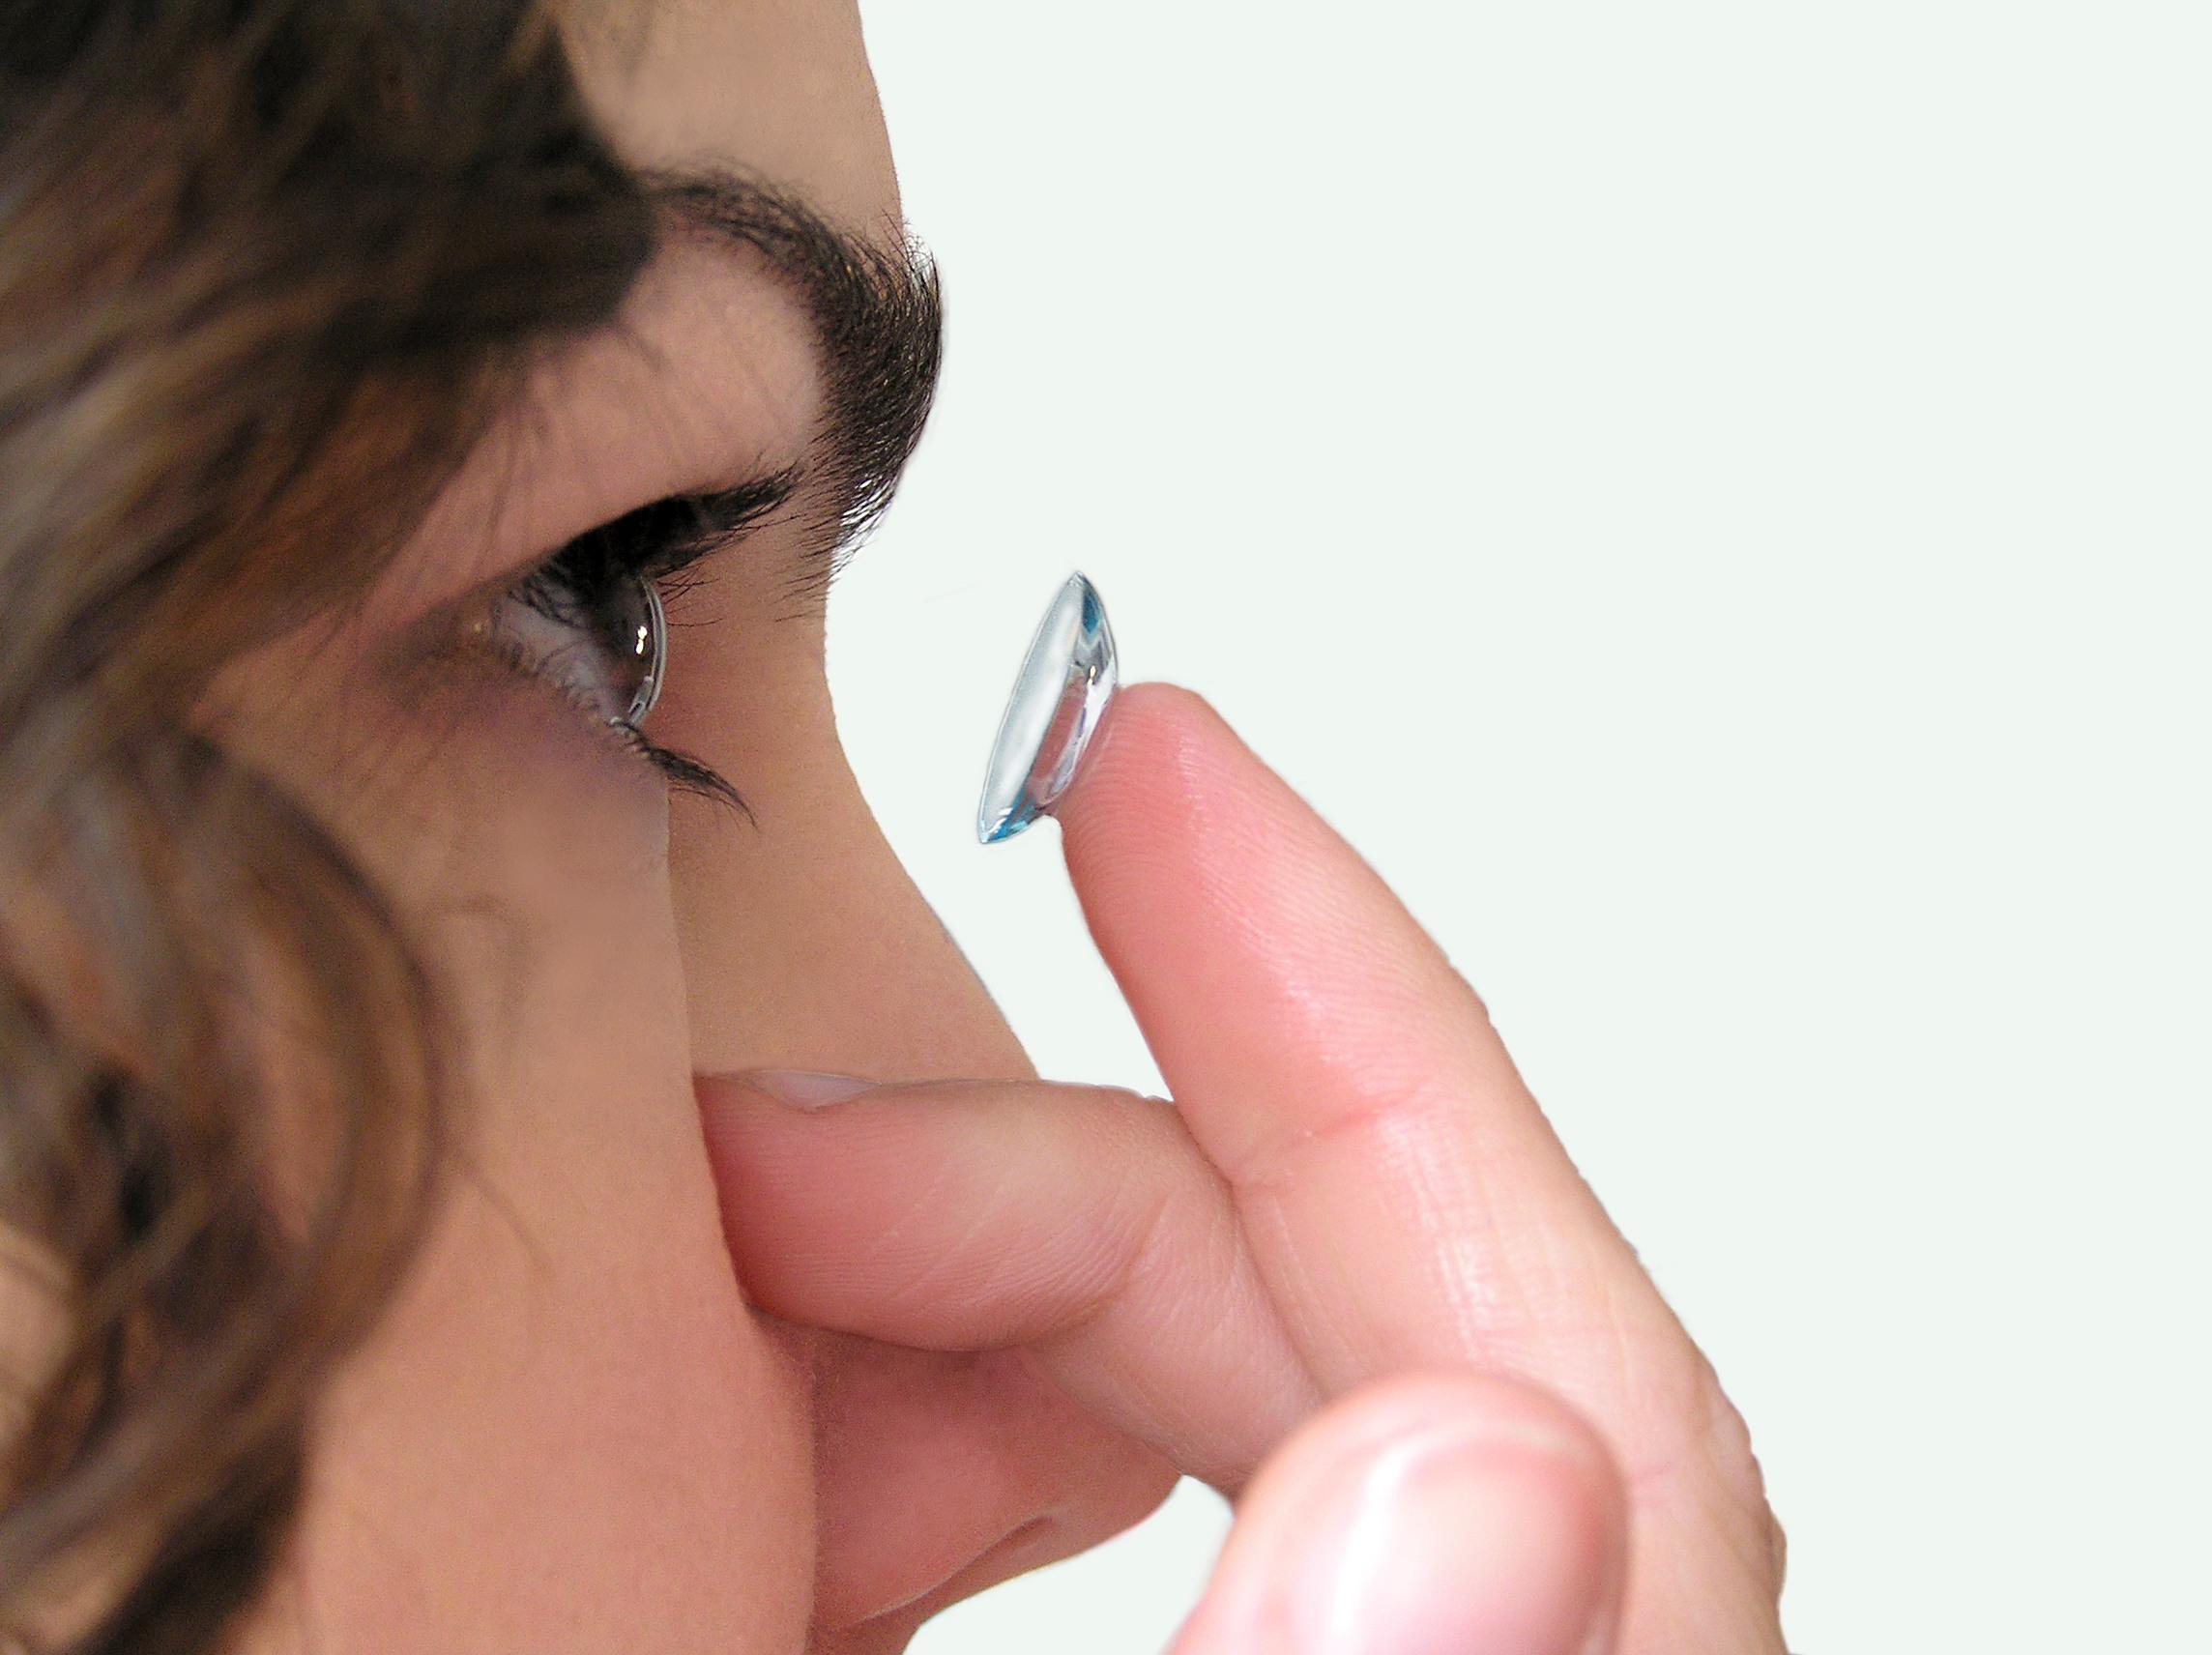 b151c9d81ecdb Arquivos Lentes de contato - Instituto de Moléstias Oculares